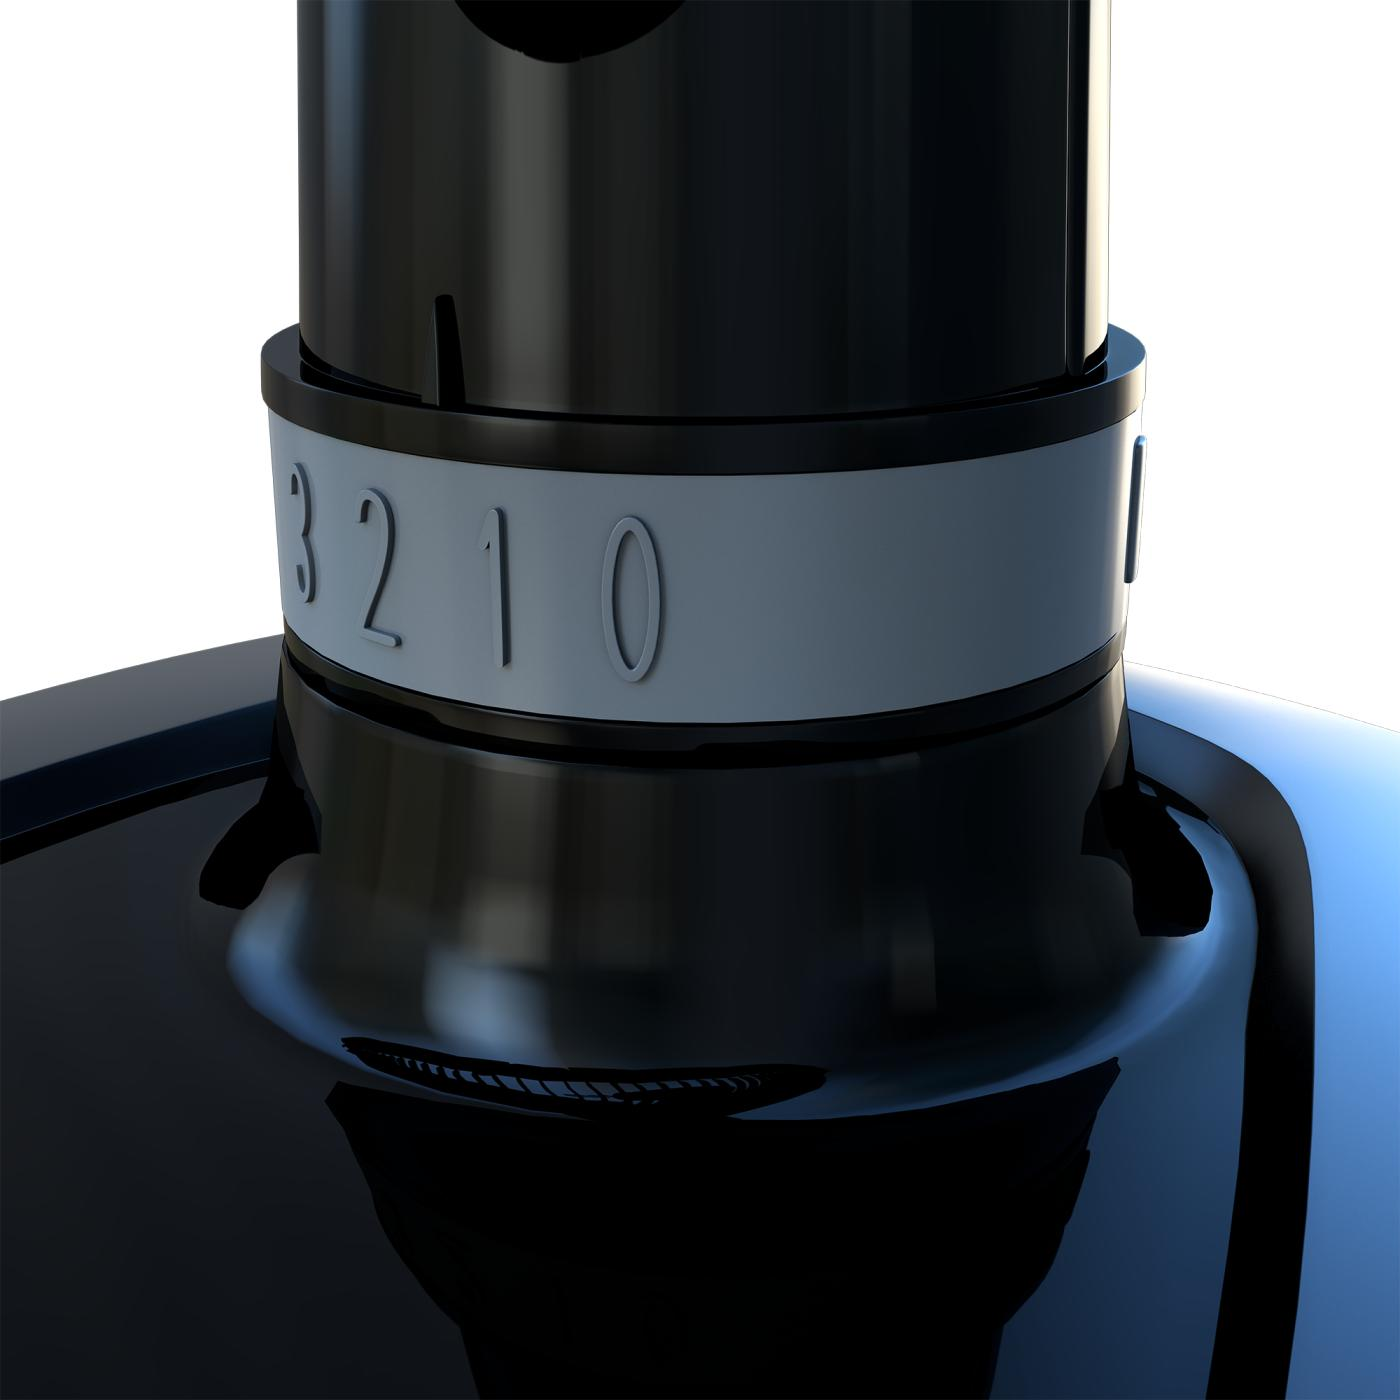 Ventilador de Mesa Rajada Turbo W130 - Wap